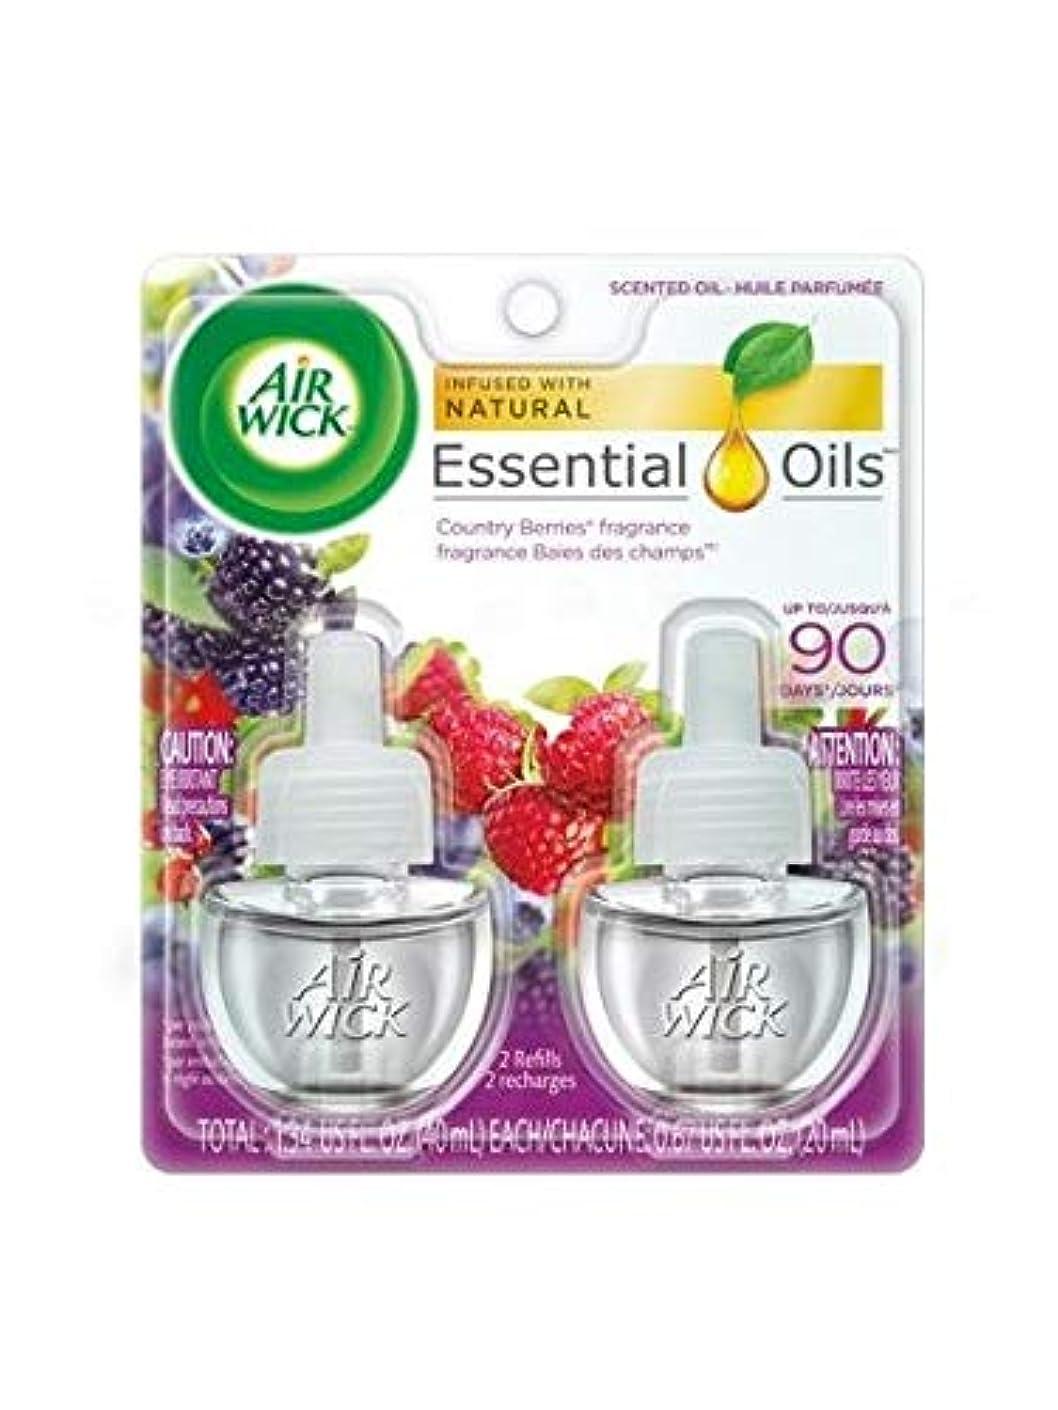 鎖事件、出来事アクロバット【Air Wick/エアーウィック】 プラグインオイル詰替えリフィル(2個入り) ワイルドベリーズ Air Wick Scented Oil Twin Refill Wild Berries (2X.67) Oz. [並行輸入品]